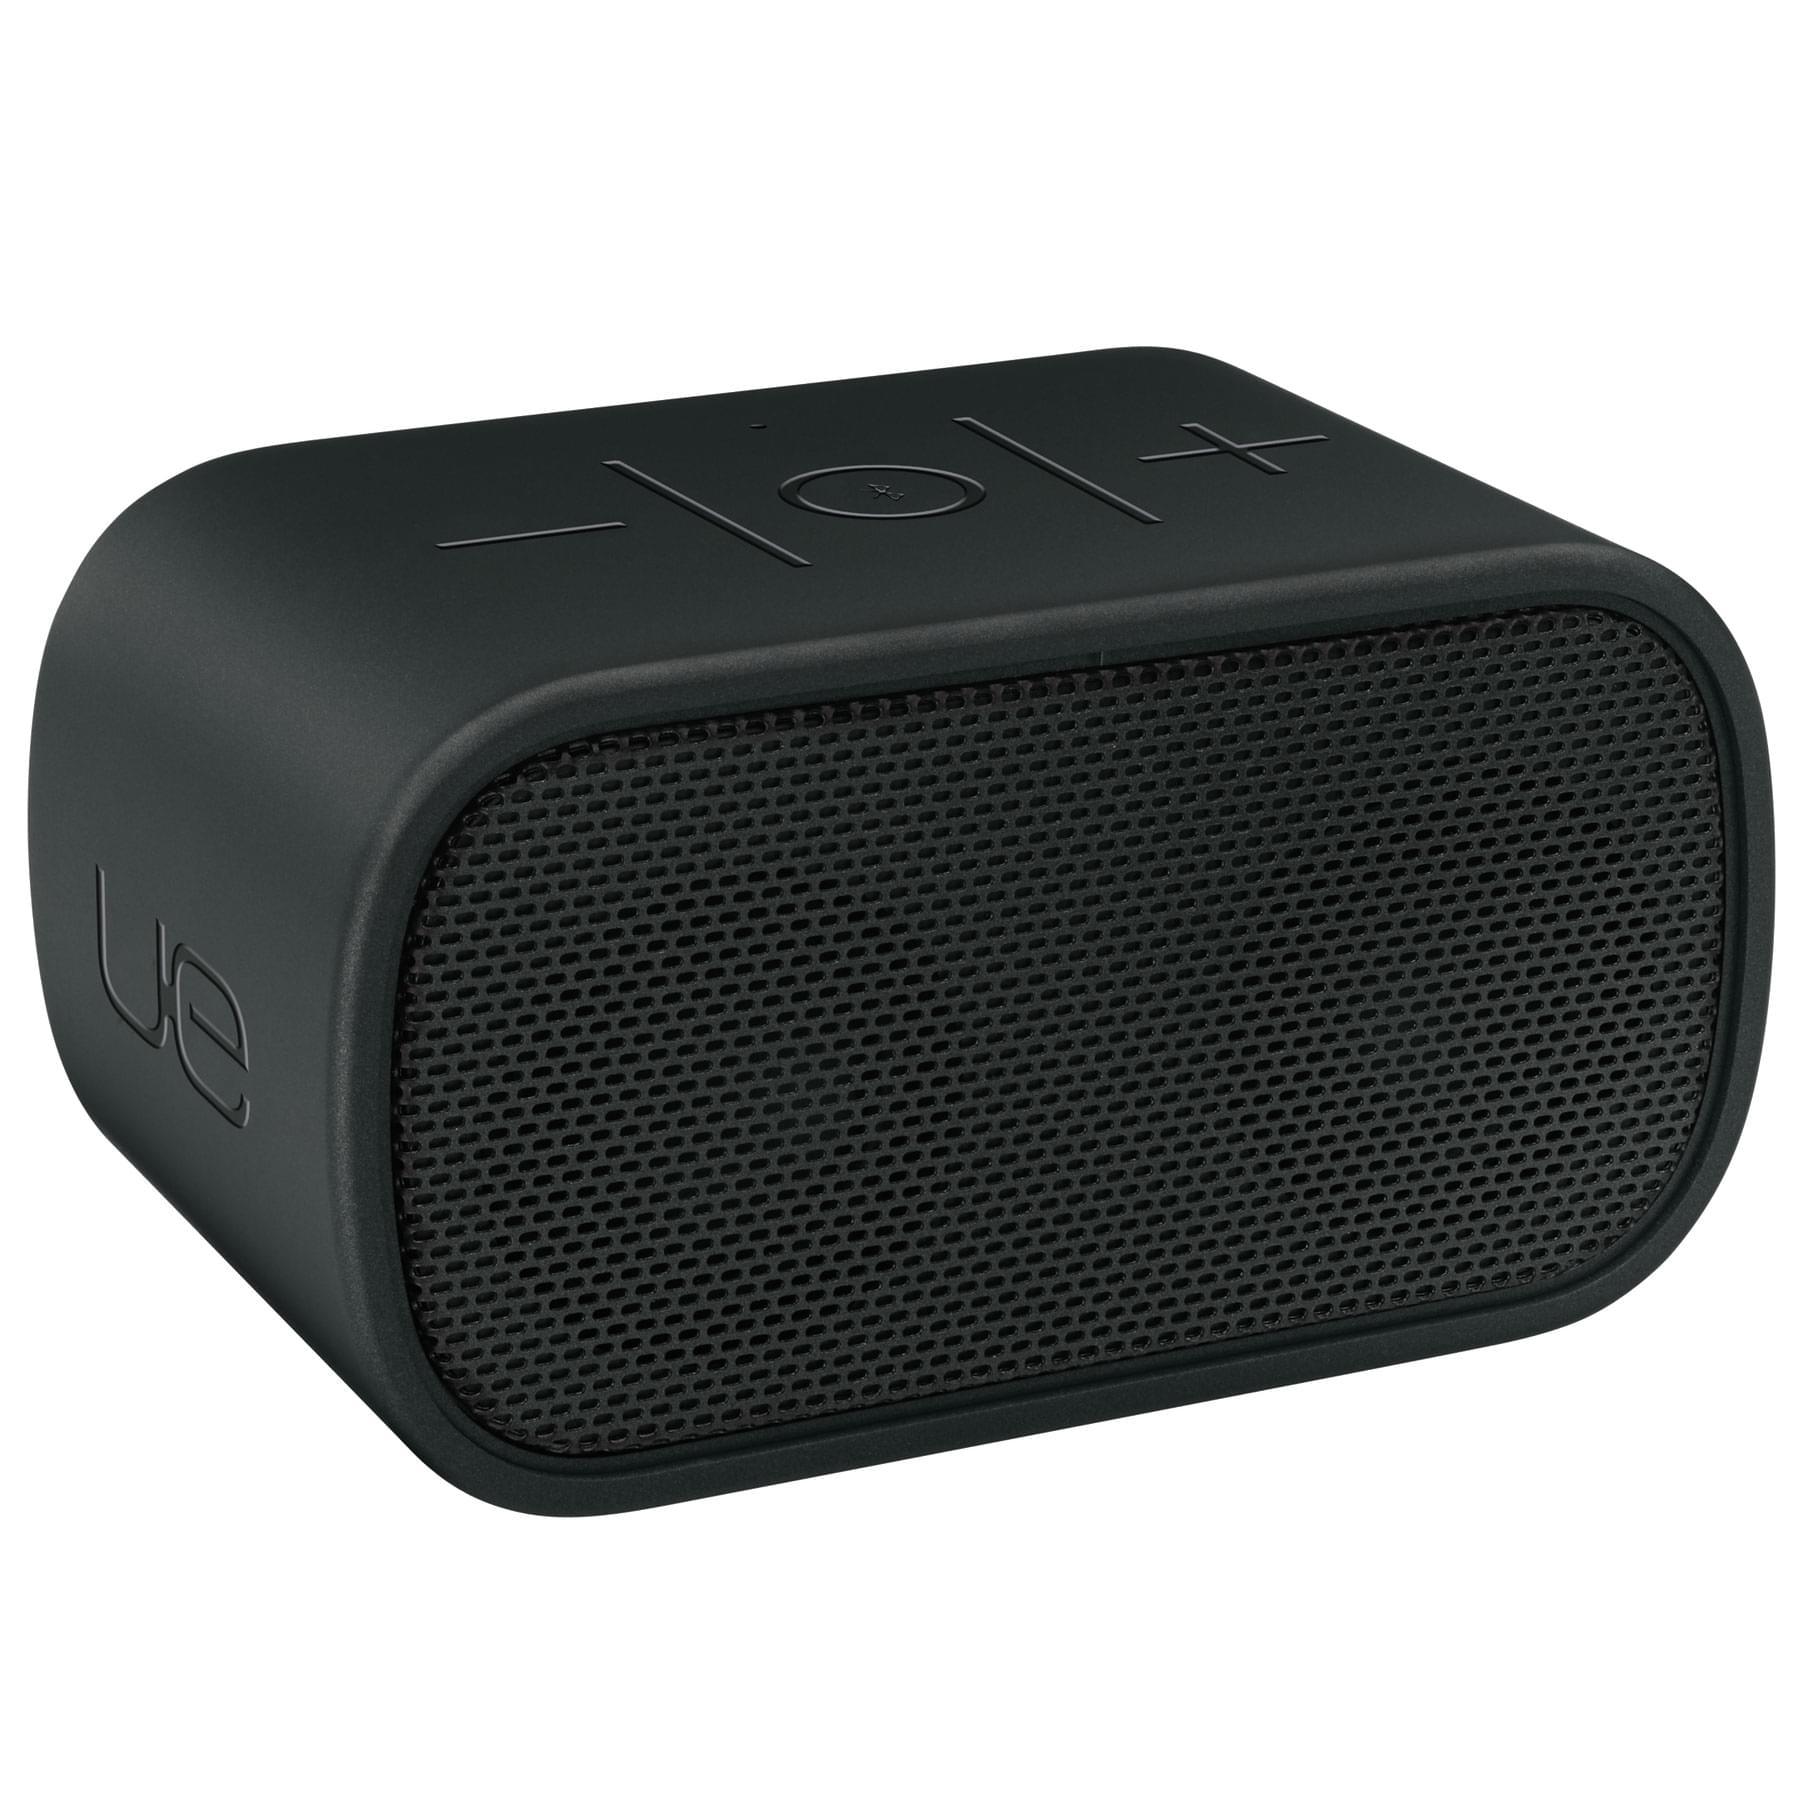 Logitech Mobile Boombox Noir Bluetooth (984-000256) - Achat / Vente Enceinte PC sur Cybertek.fr - 0